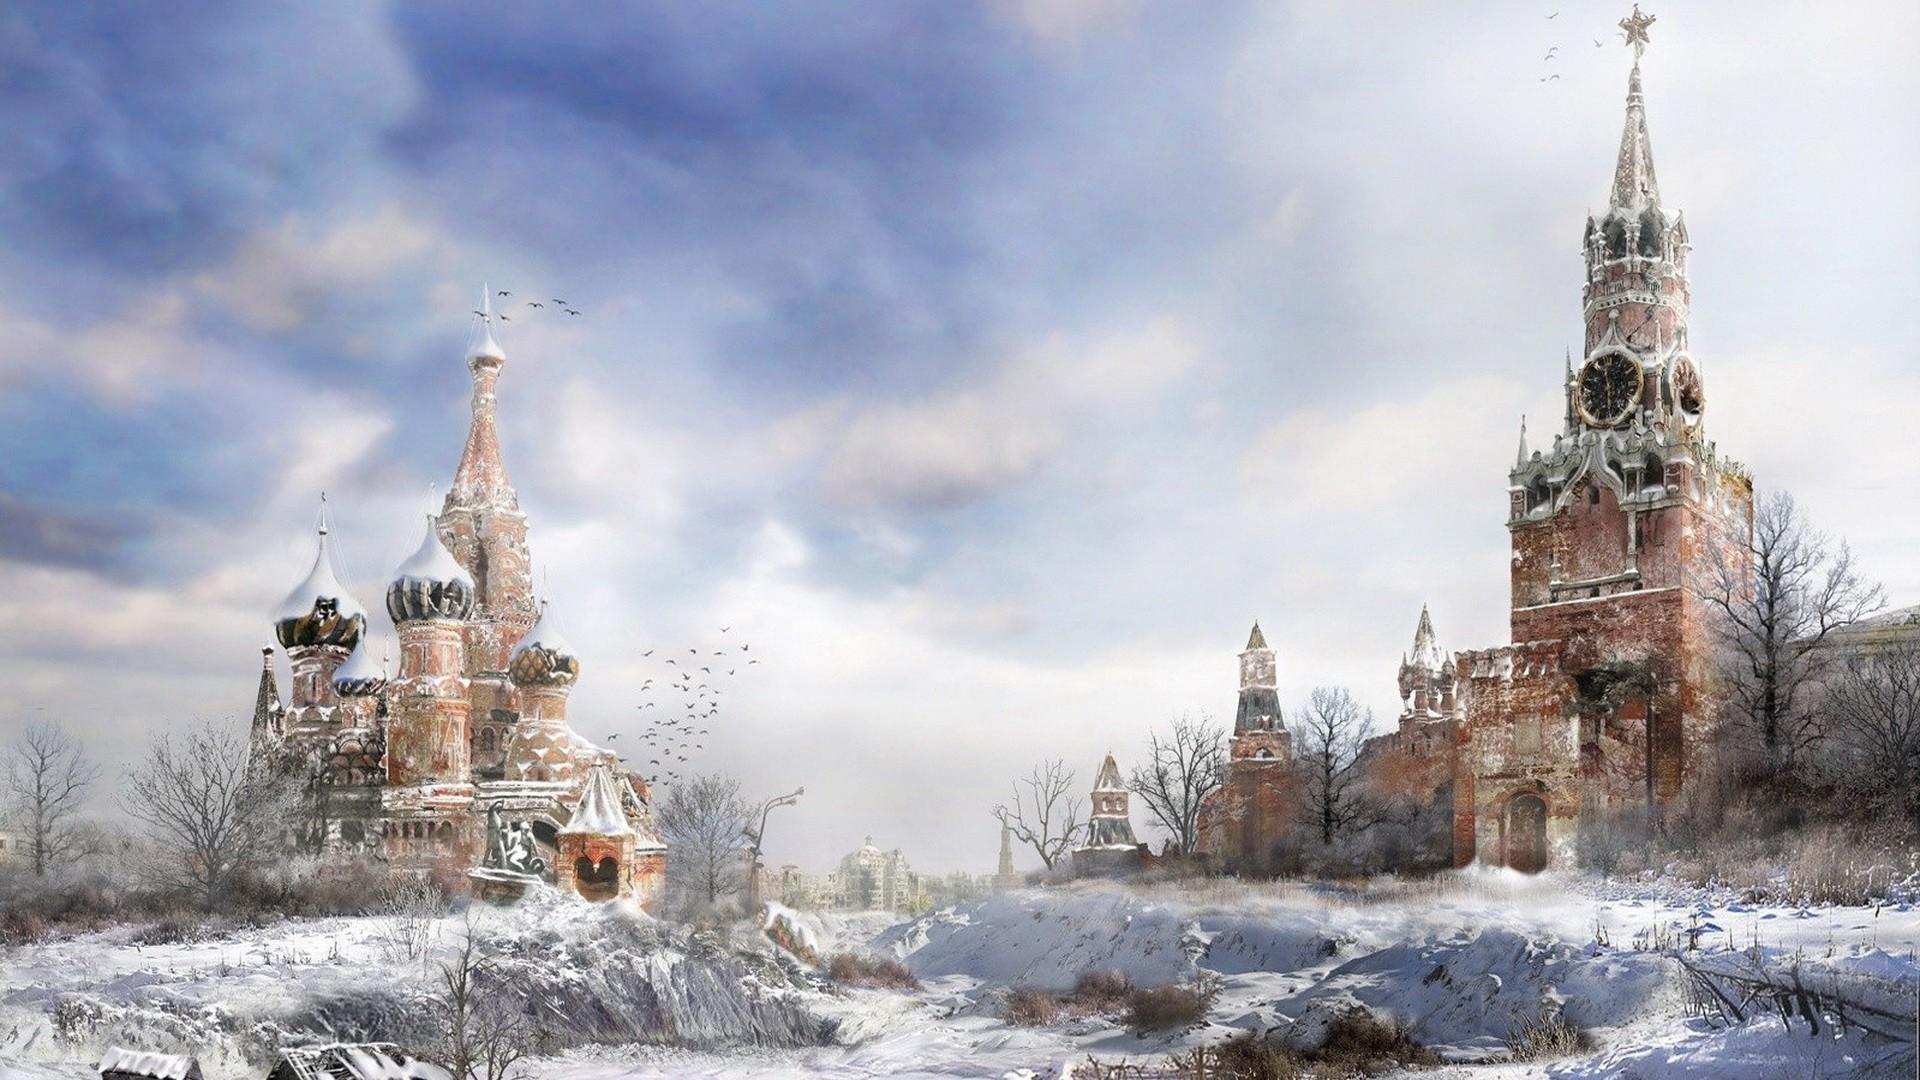 metro 2033, moscow, winter